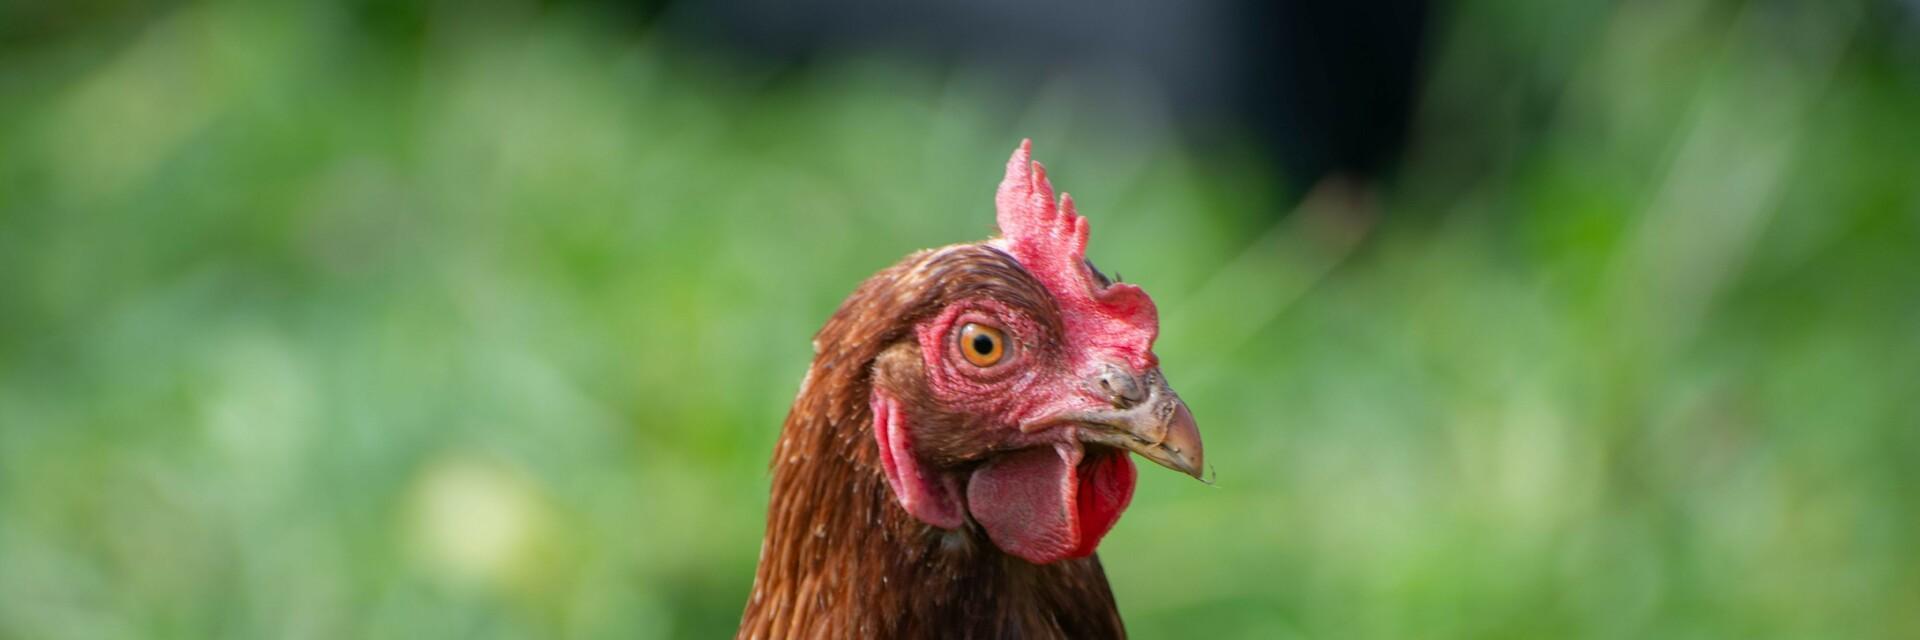 Huhn auf einer grünen Wiese